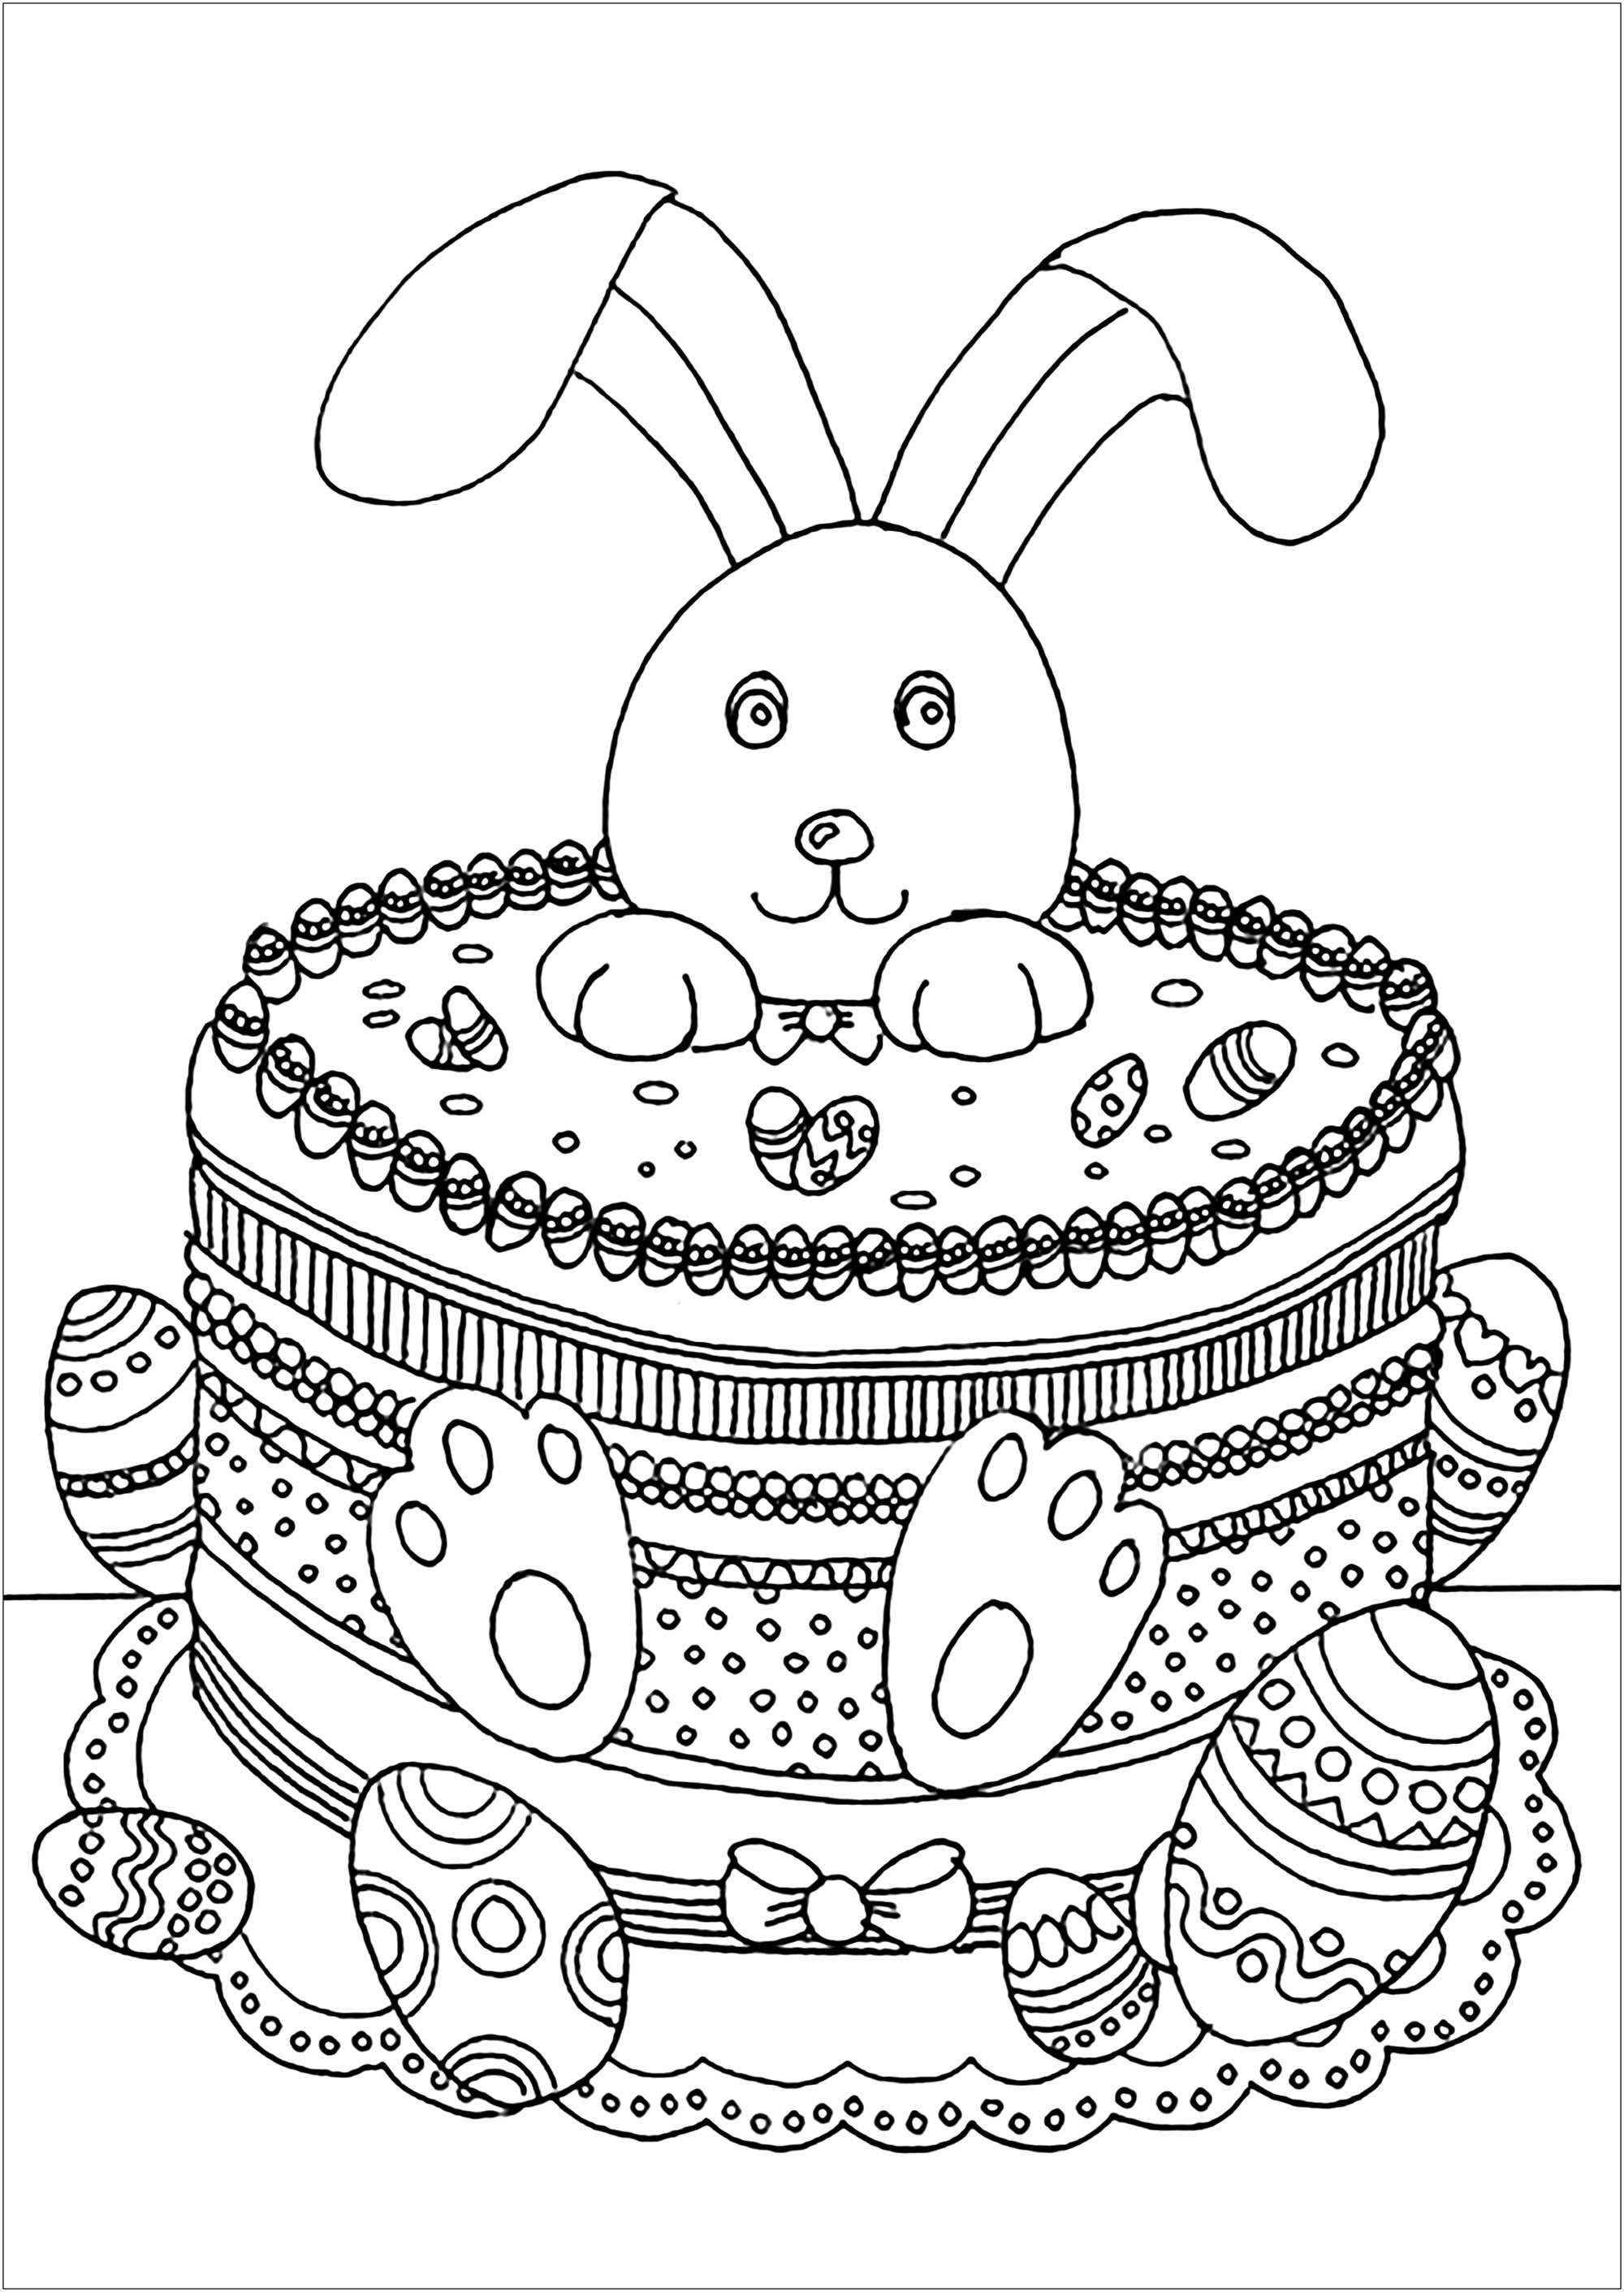 Lapin De Paques Coloriage De Paques Oeufs De Paques Lapins Cloches Coloriages Pour Enfants